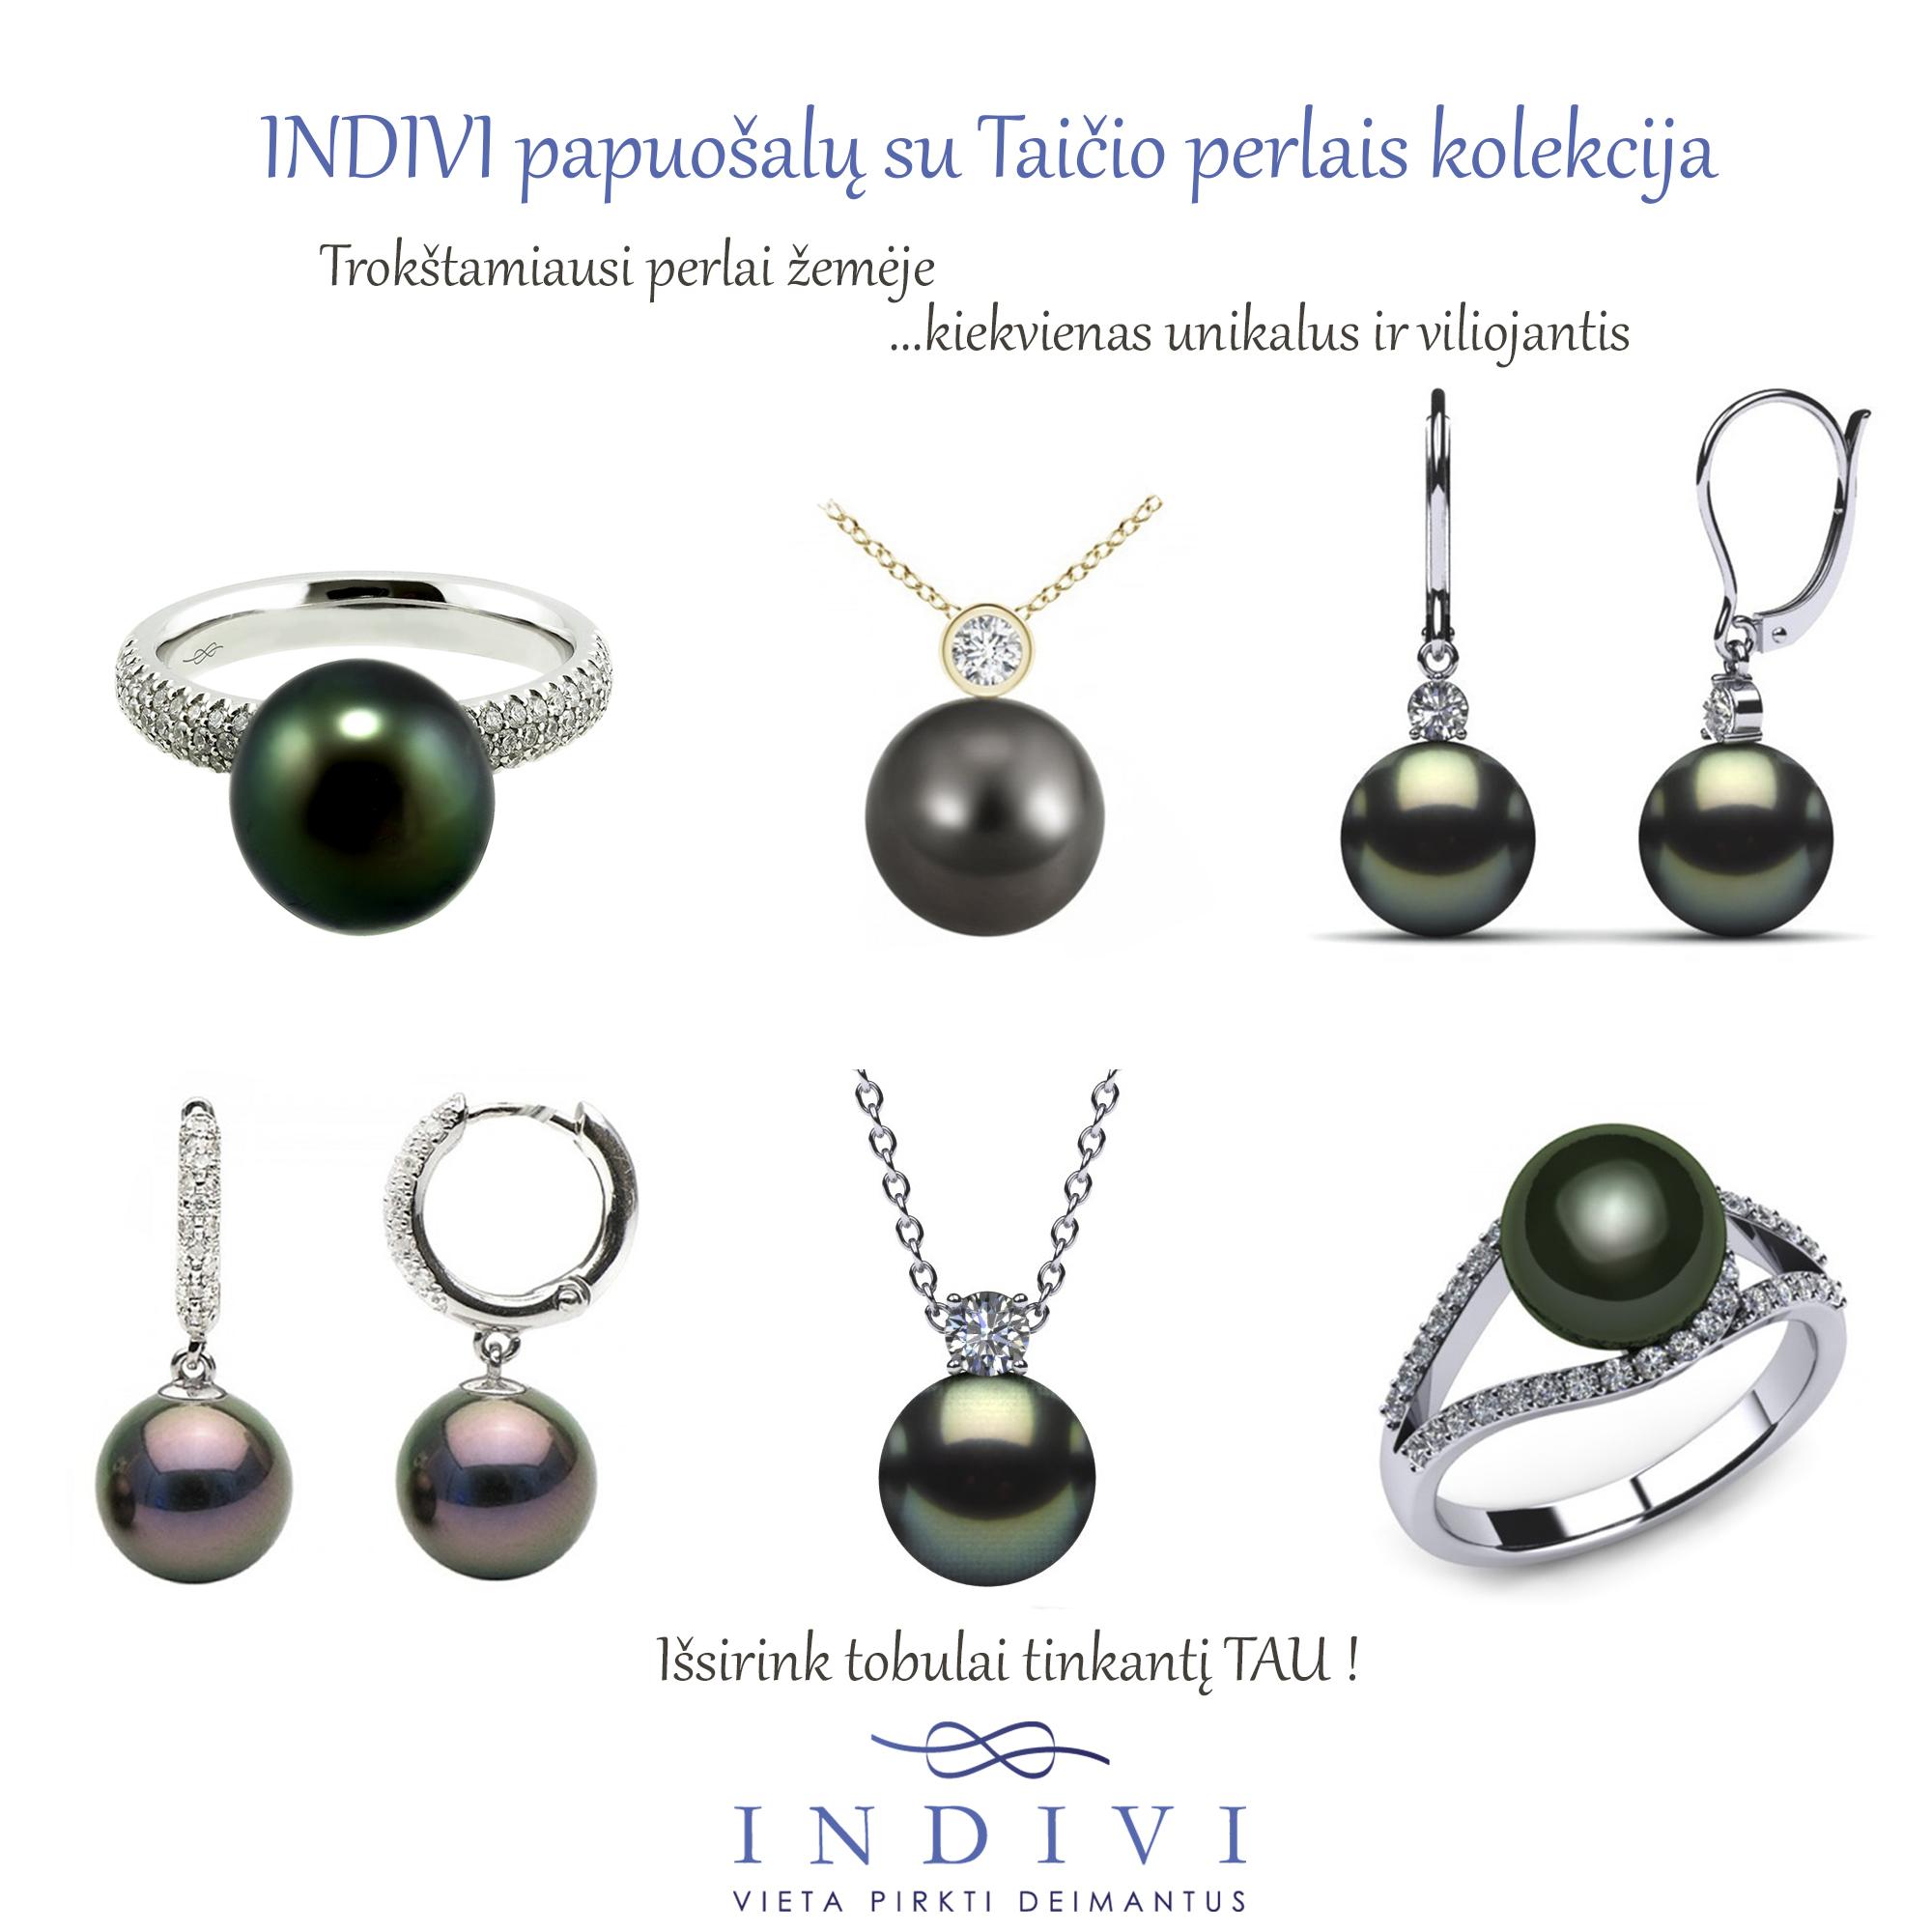 INDIVI papuošalų su Taičio perlais pavasario - vasaros kolekcija